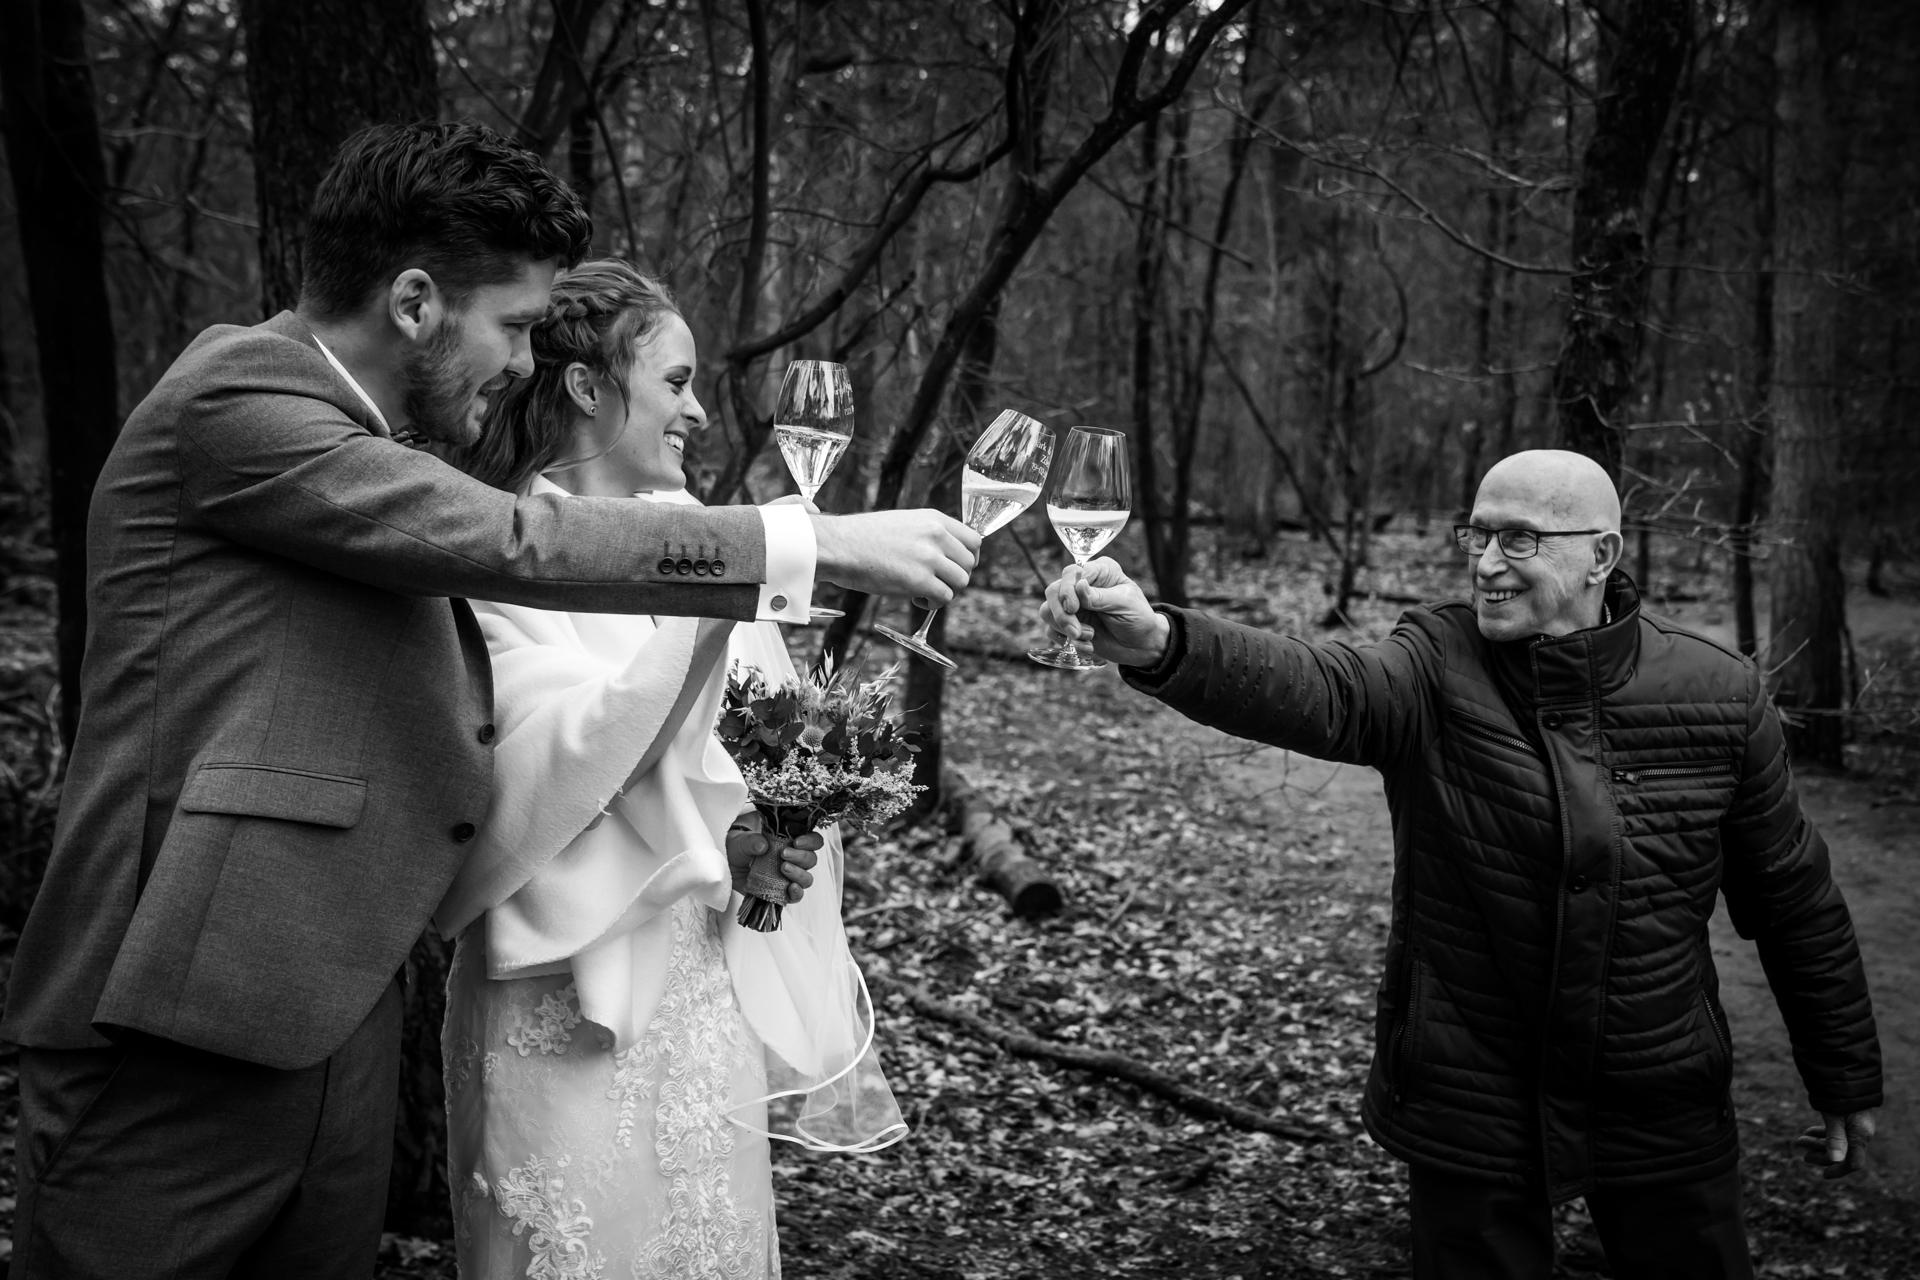 Strokerbos, Photographie de mariage à Harderwijk | les mariés ont porté un toast avec leur famille et leurs amis